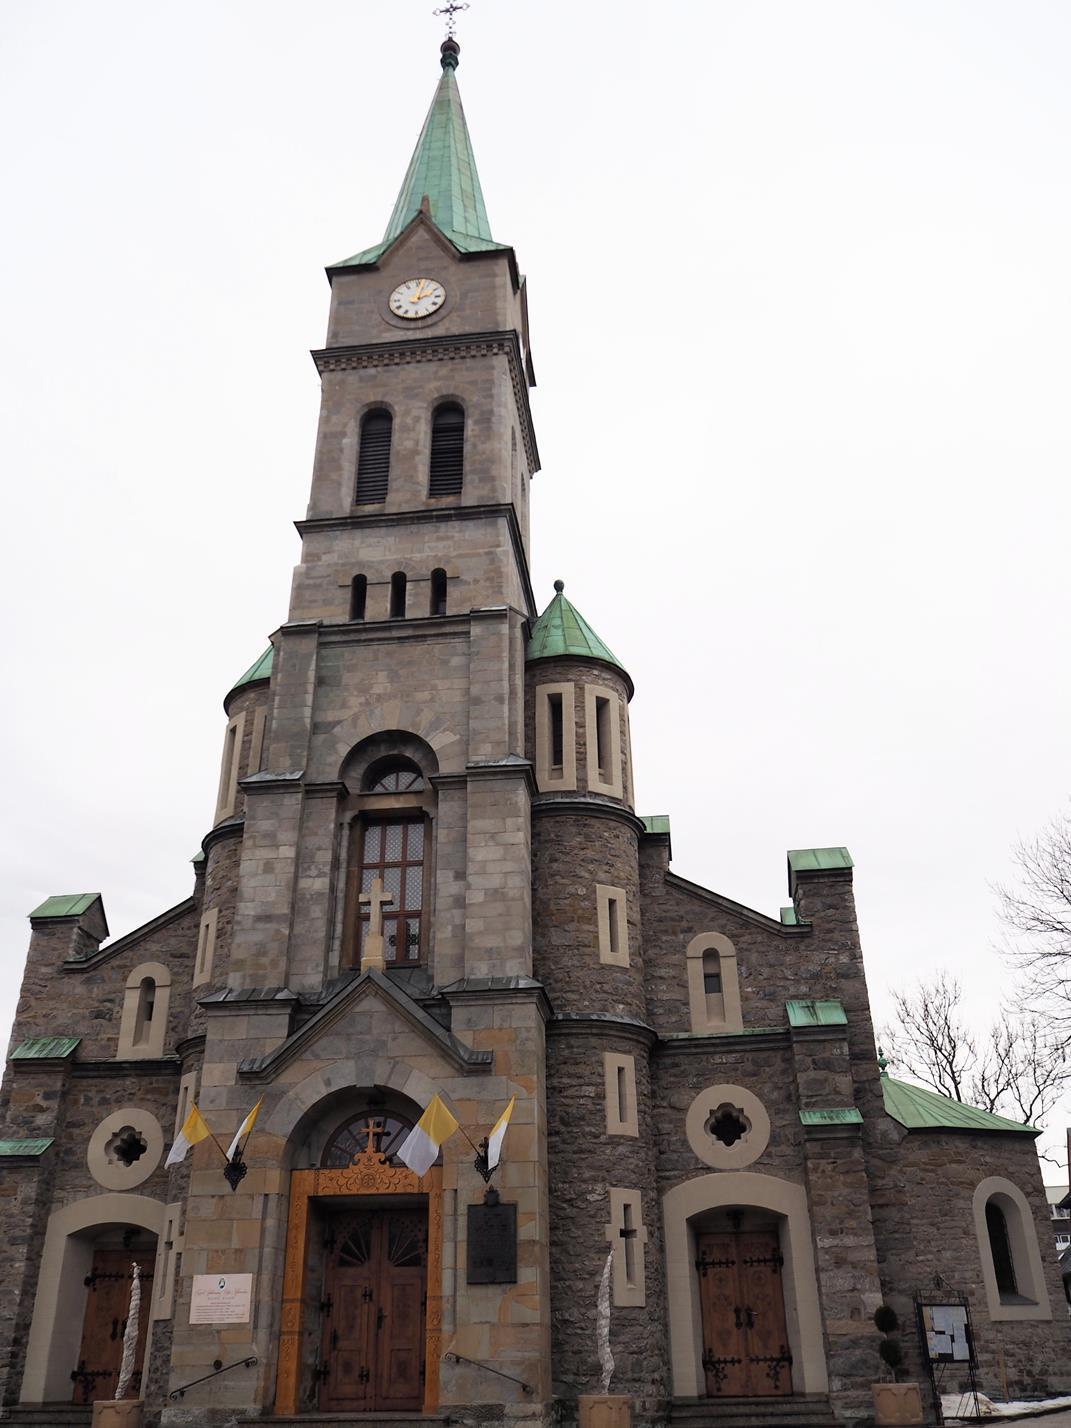 Neoromańska, kamienna bryła kościoła Św. Rodziny.